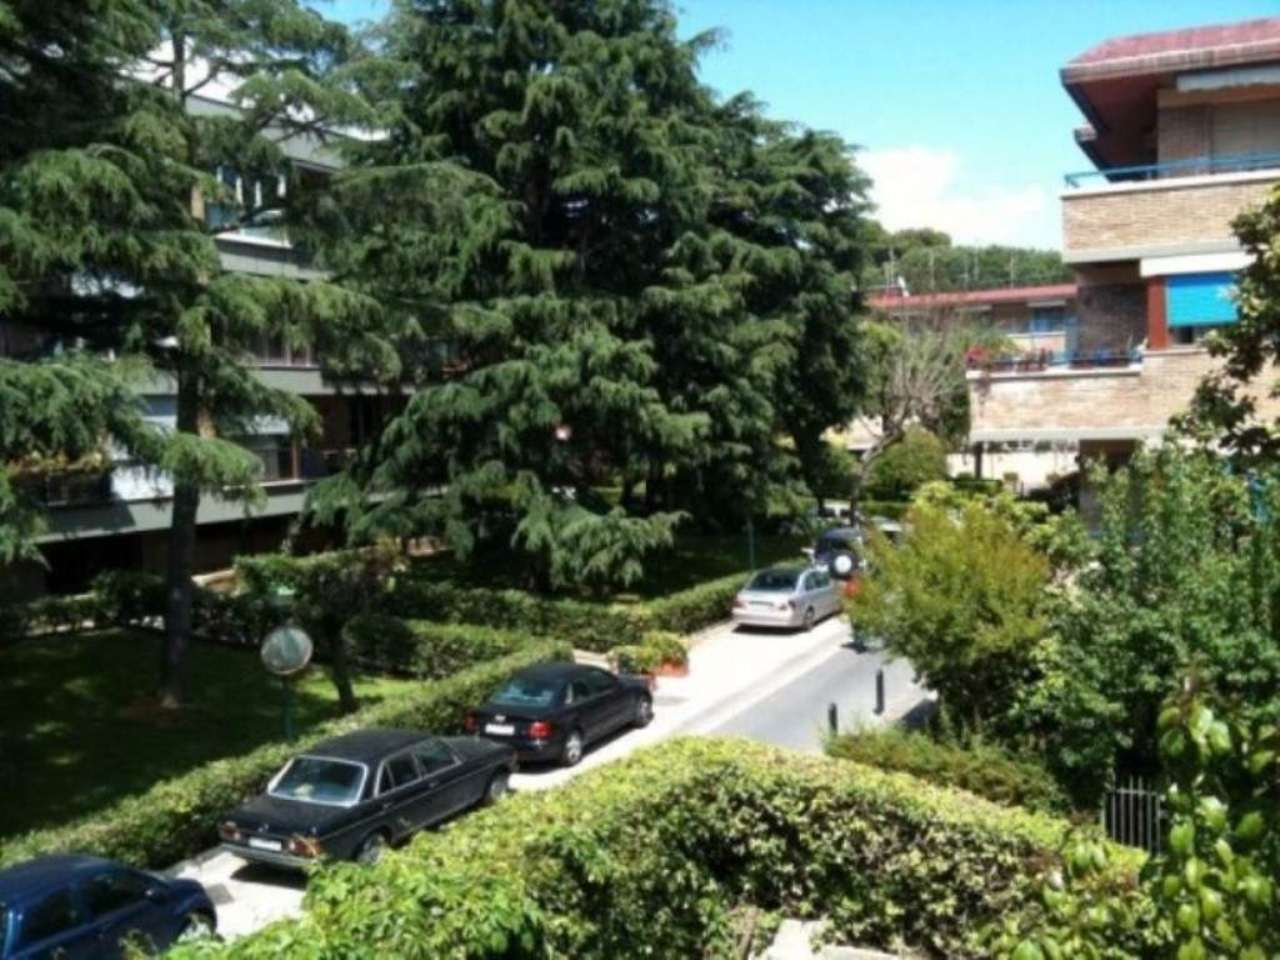 Appartamento in affitto a Napoli, 6 locali, zona Zona: 1 . Chiaia, Posillipo, San Ferdinando, prezzo € 2.700 | Cambio Casa.it